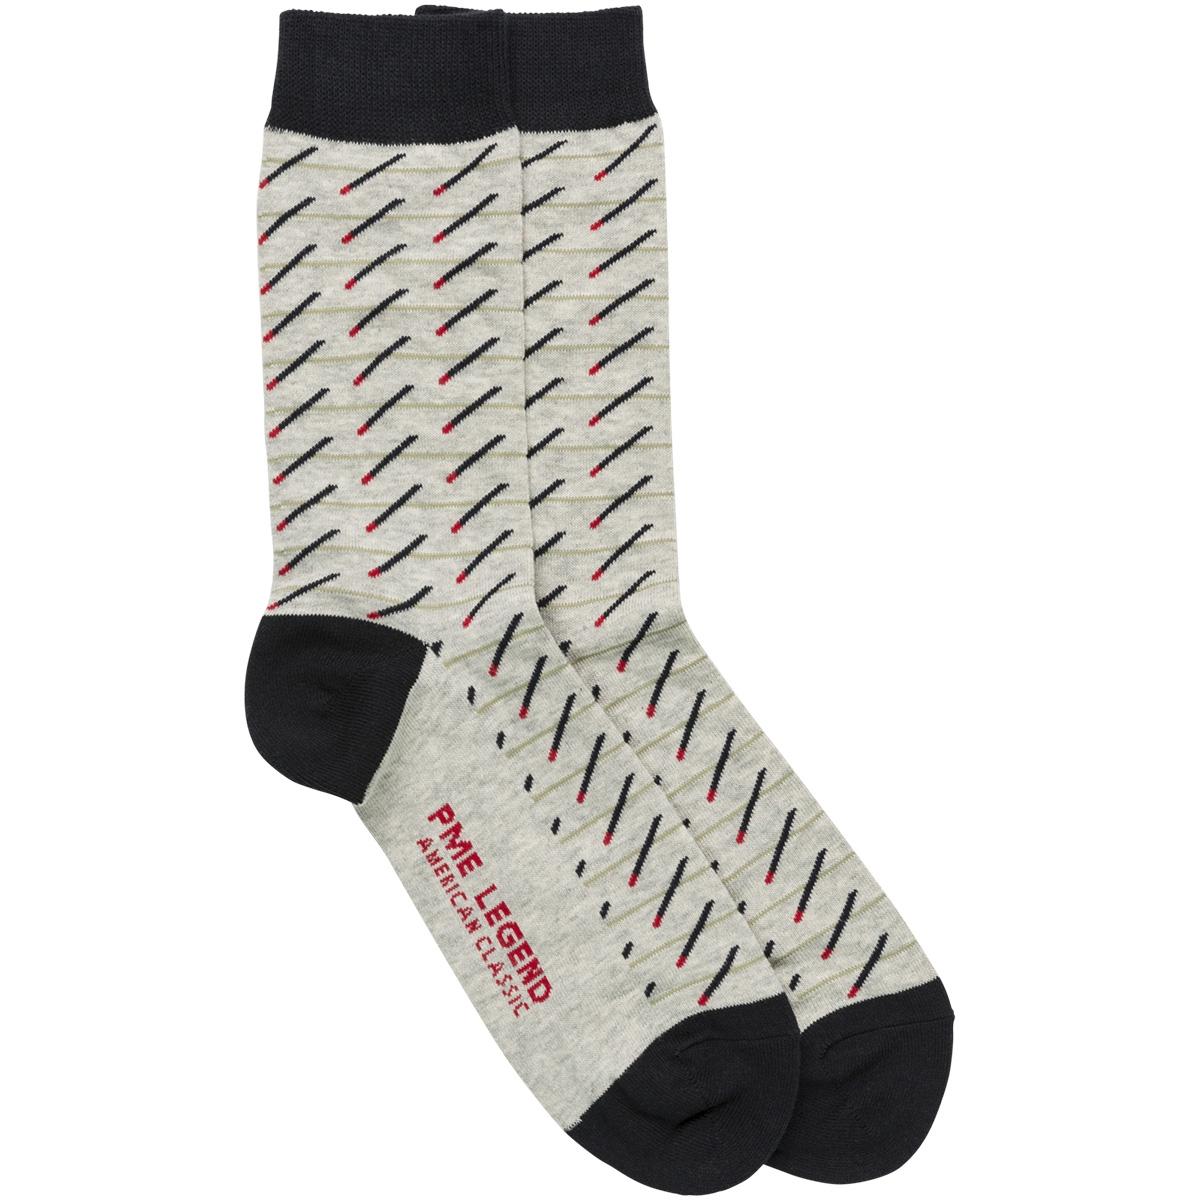 socks pac201902 pme legend accessoire 921